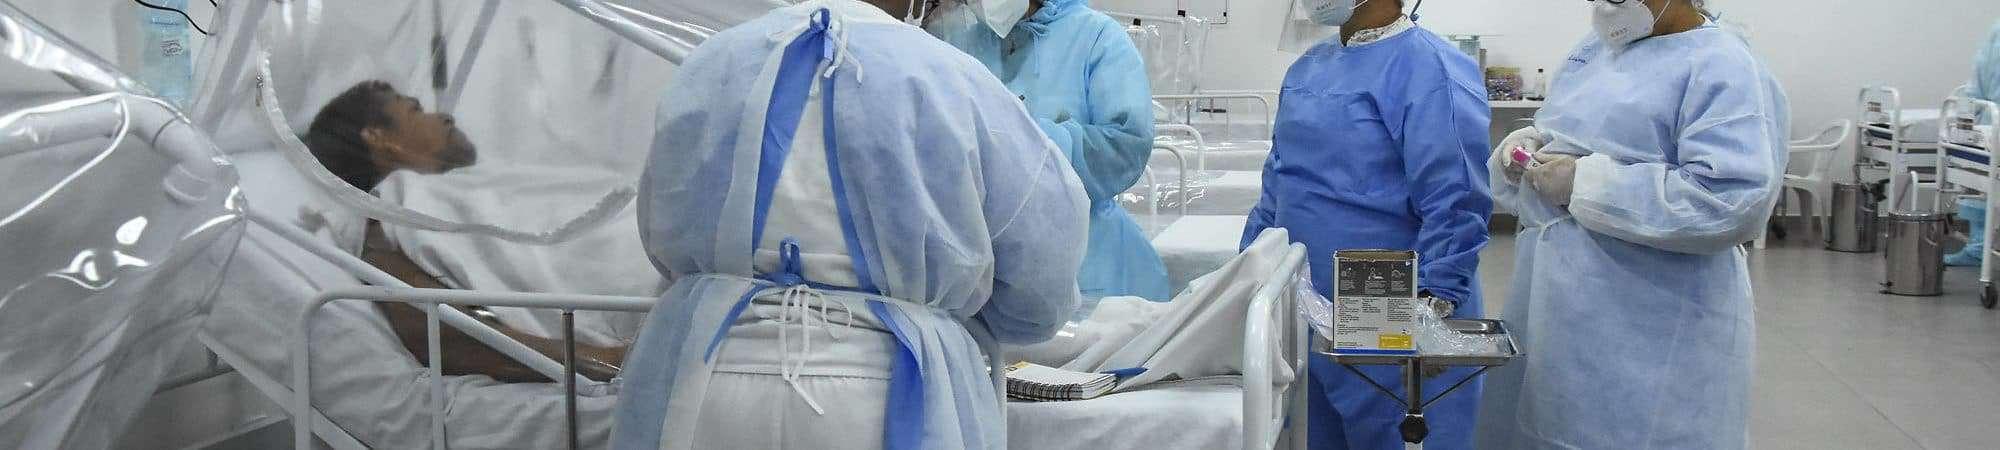 Jovens tem sido mais afetados em nova fase da pandemia e ocupado mais leitos de UTI